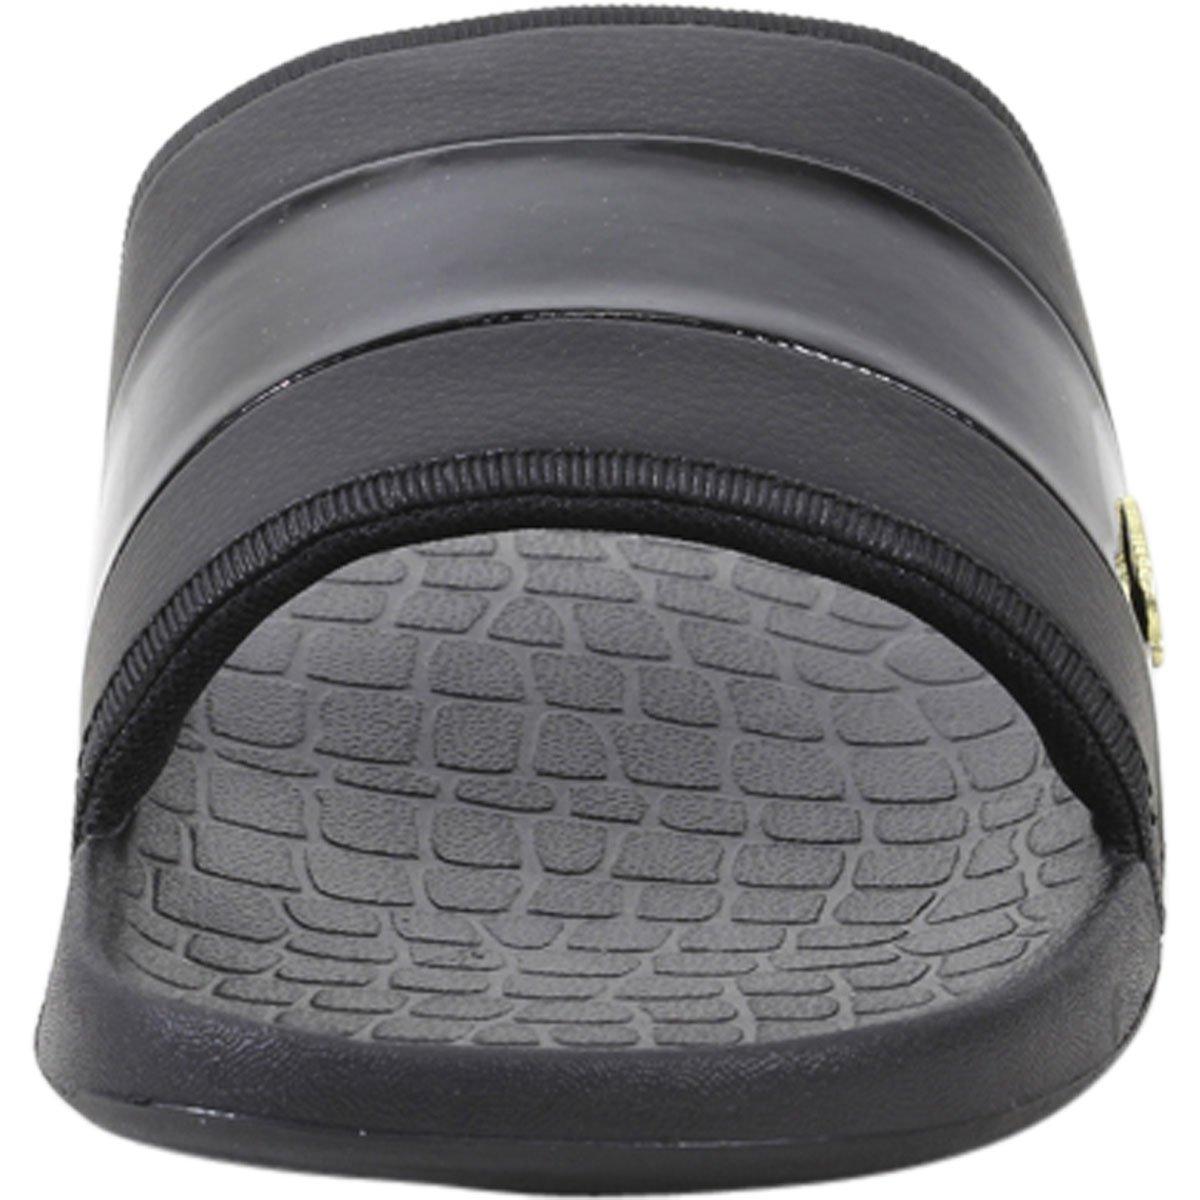 5e95fe77f0be Lacoste Men s Fraisier 118 1 U Slide Sandal - 7-35CAM01281V7   Shoes    Clothing